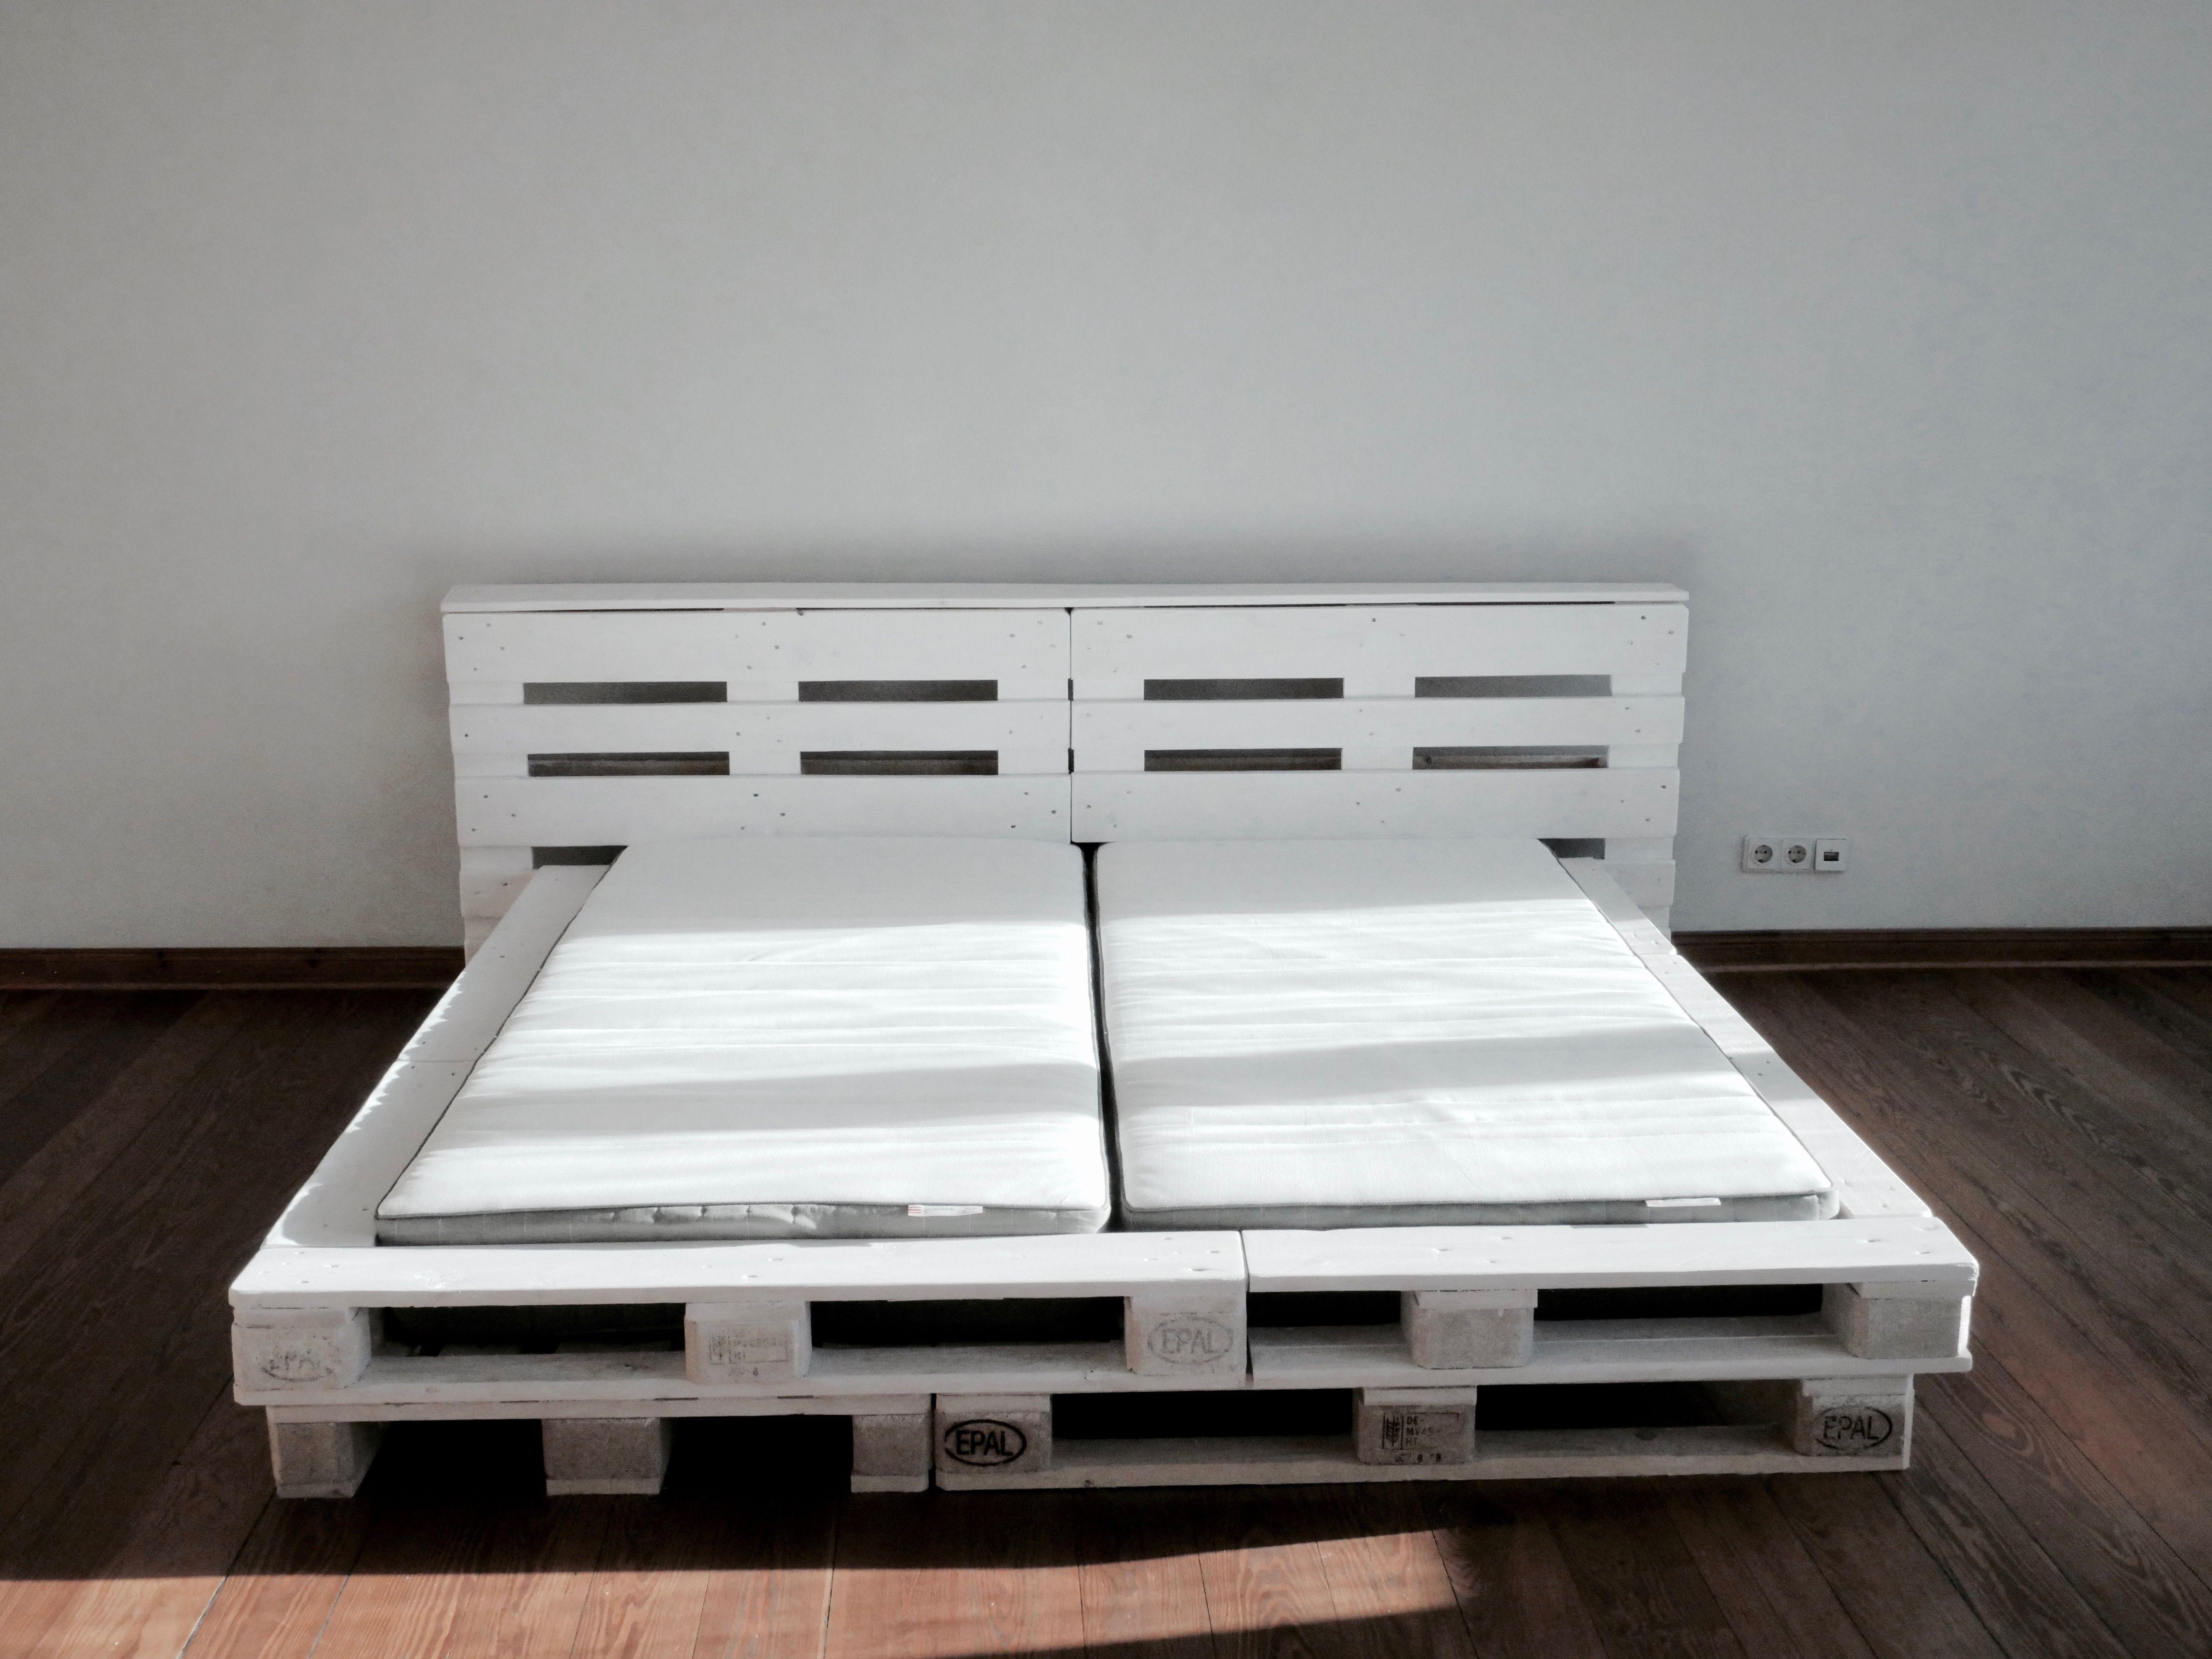 Wir Haben Ein Super Schones 180x200 Cm Palettenbett Gebaut Wie Wir Das Gemacht Haben Was Ihr Dafur Bra Palettenbett Bett Aus Paletten Bett Aus Paletten Bauen